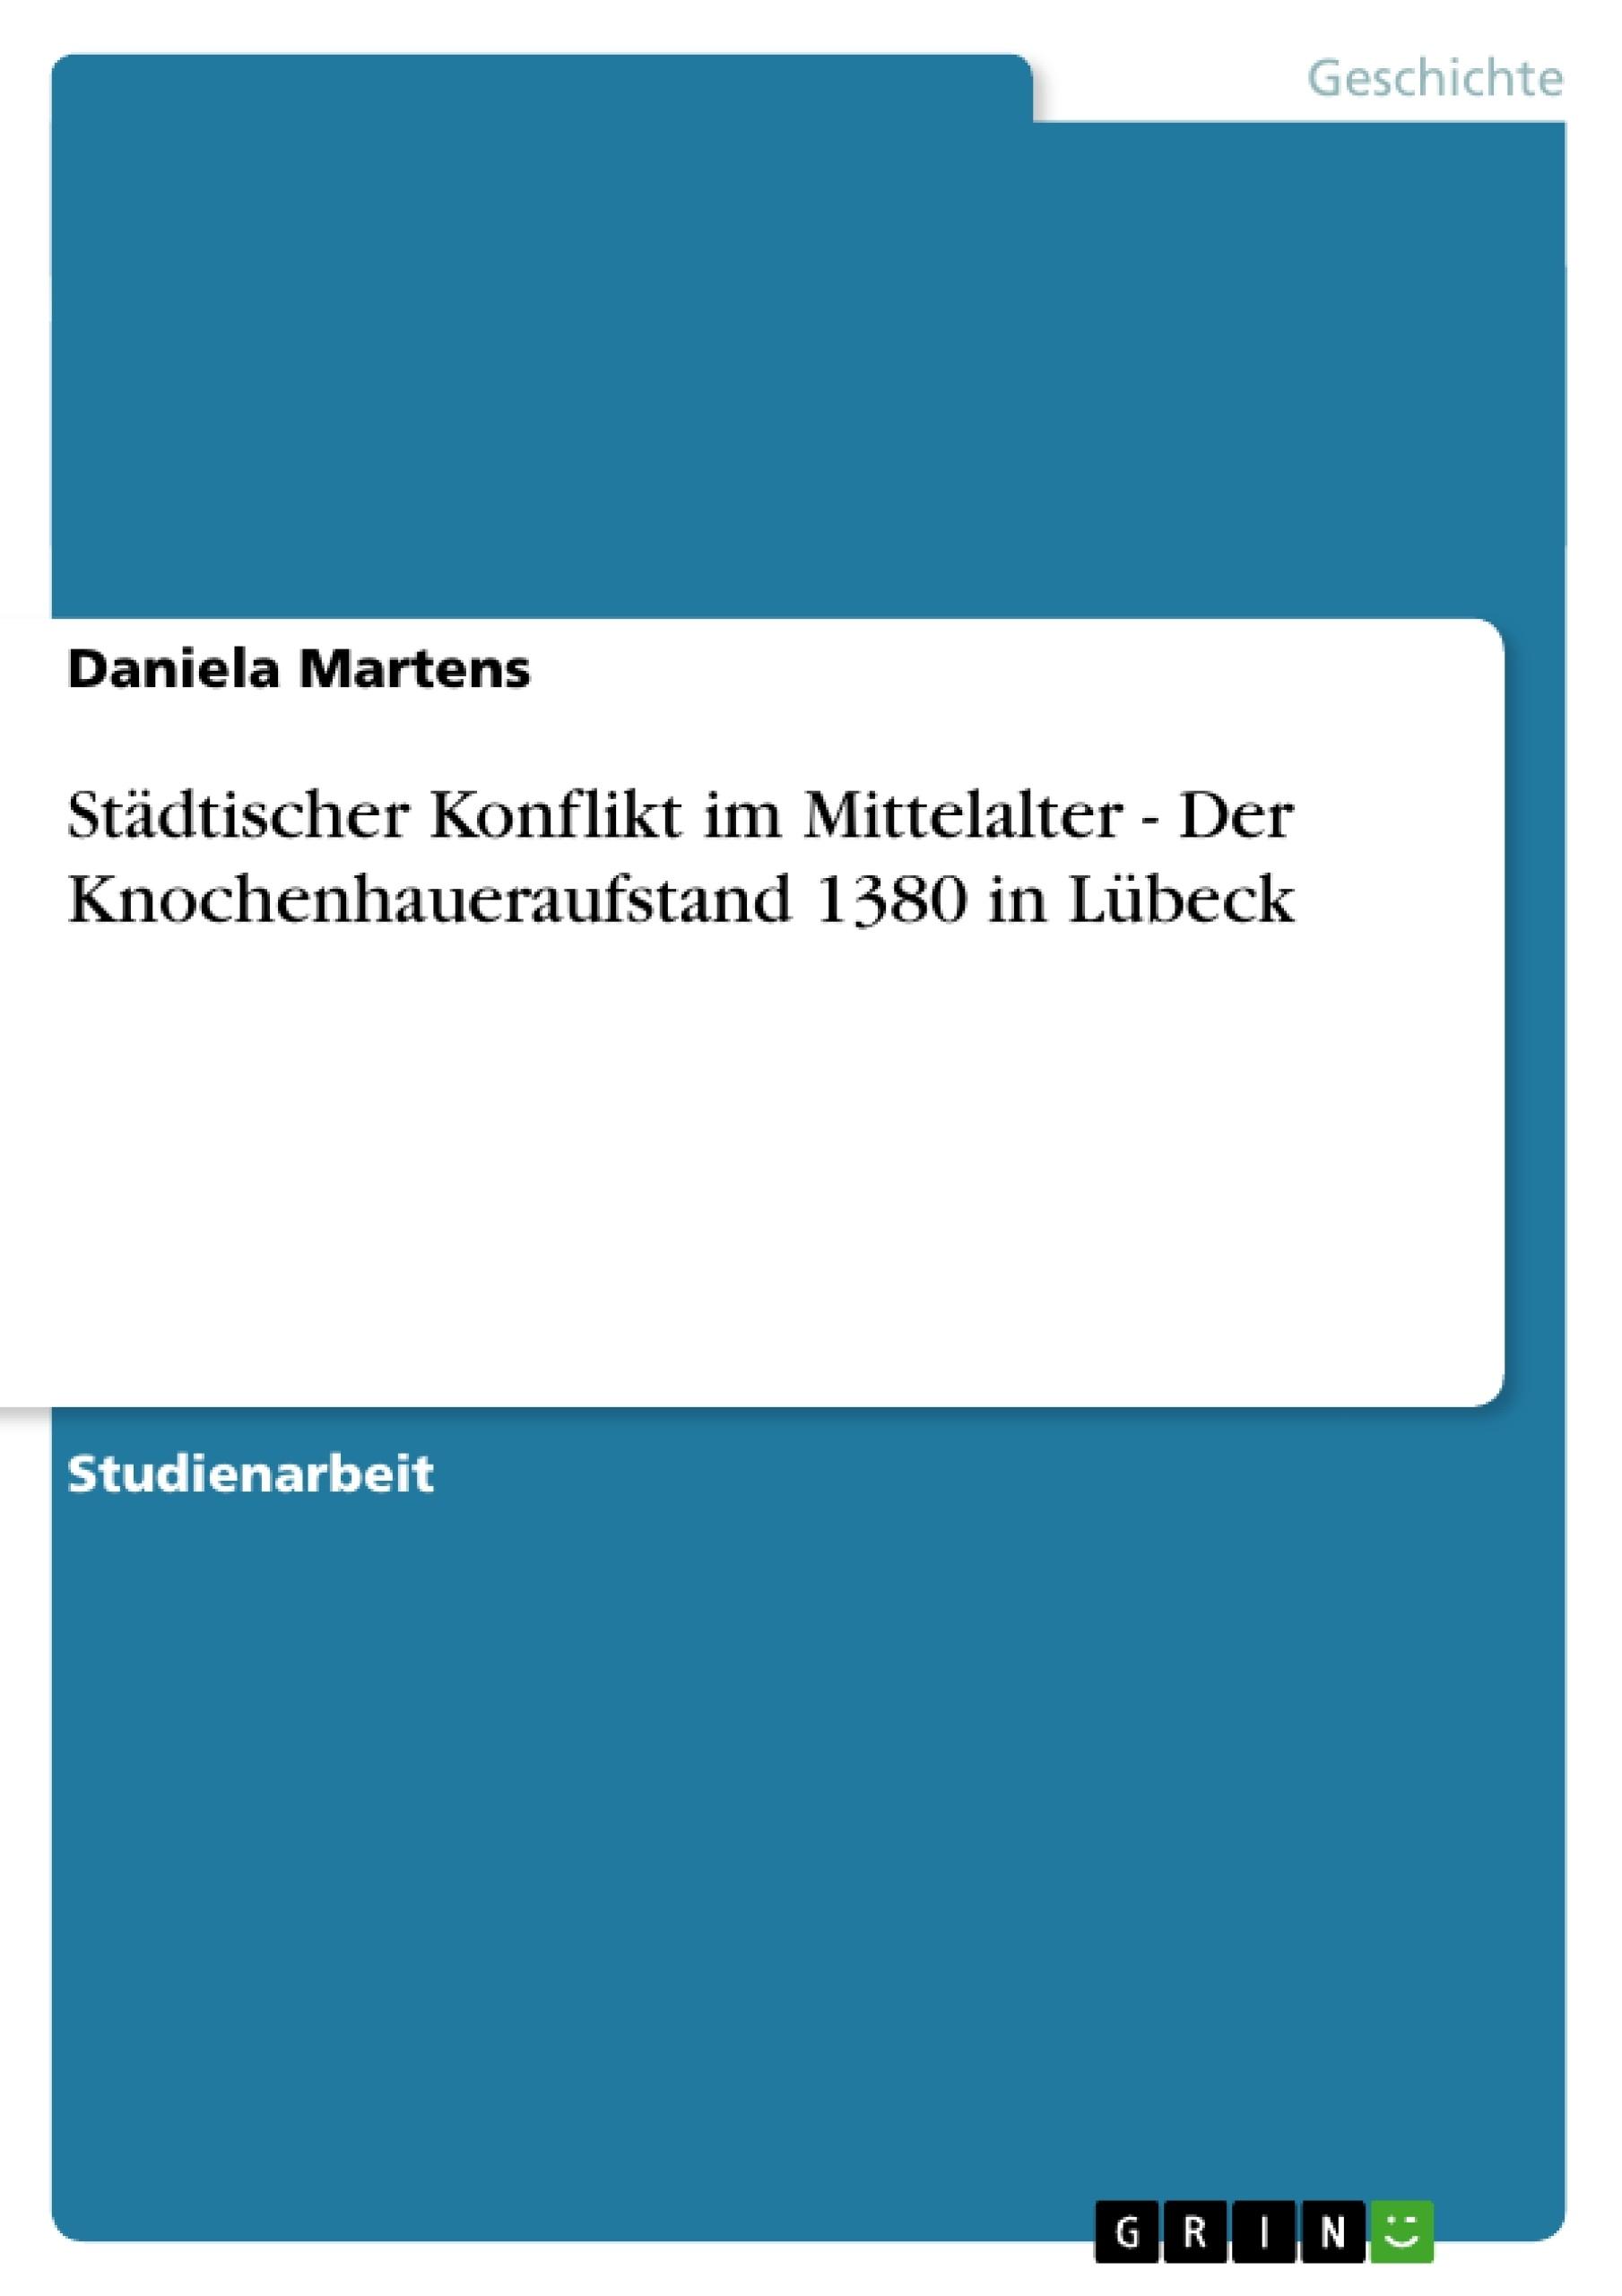 Titel: Städtischer Konflikt im Mittelalter - Der Knochenhaueraufstand 1380 in Lübeck